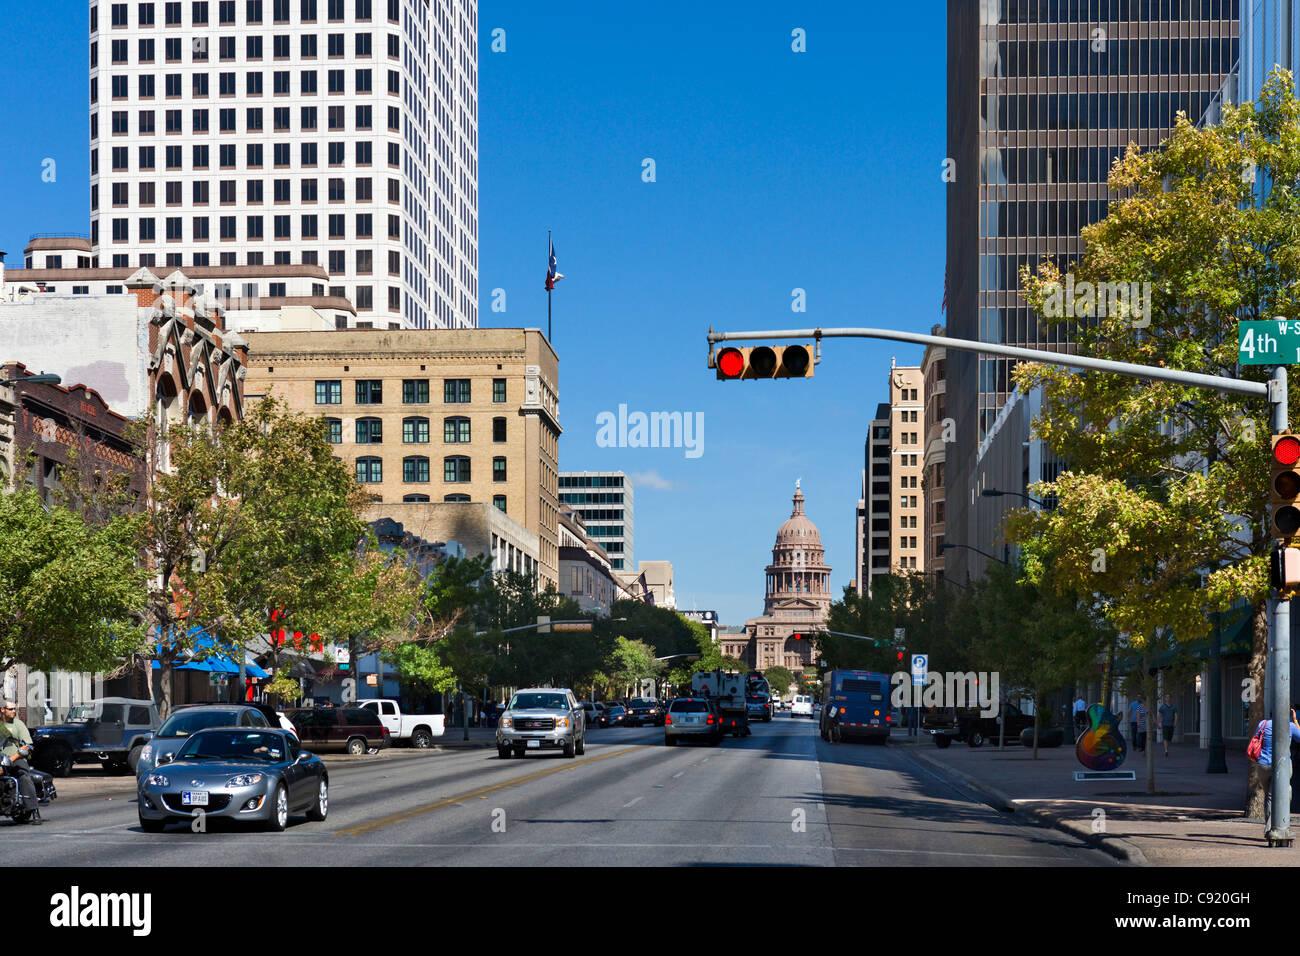 Zeigen Sie nach unten Congress Avenue Towasrds das State Capitol Building in der historischen Innenstadt von Austin, Stockbild